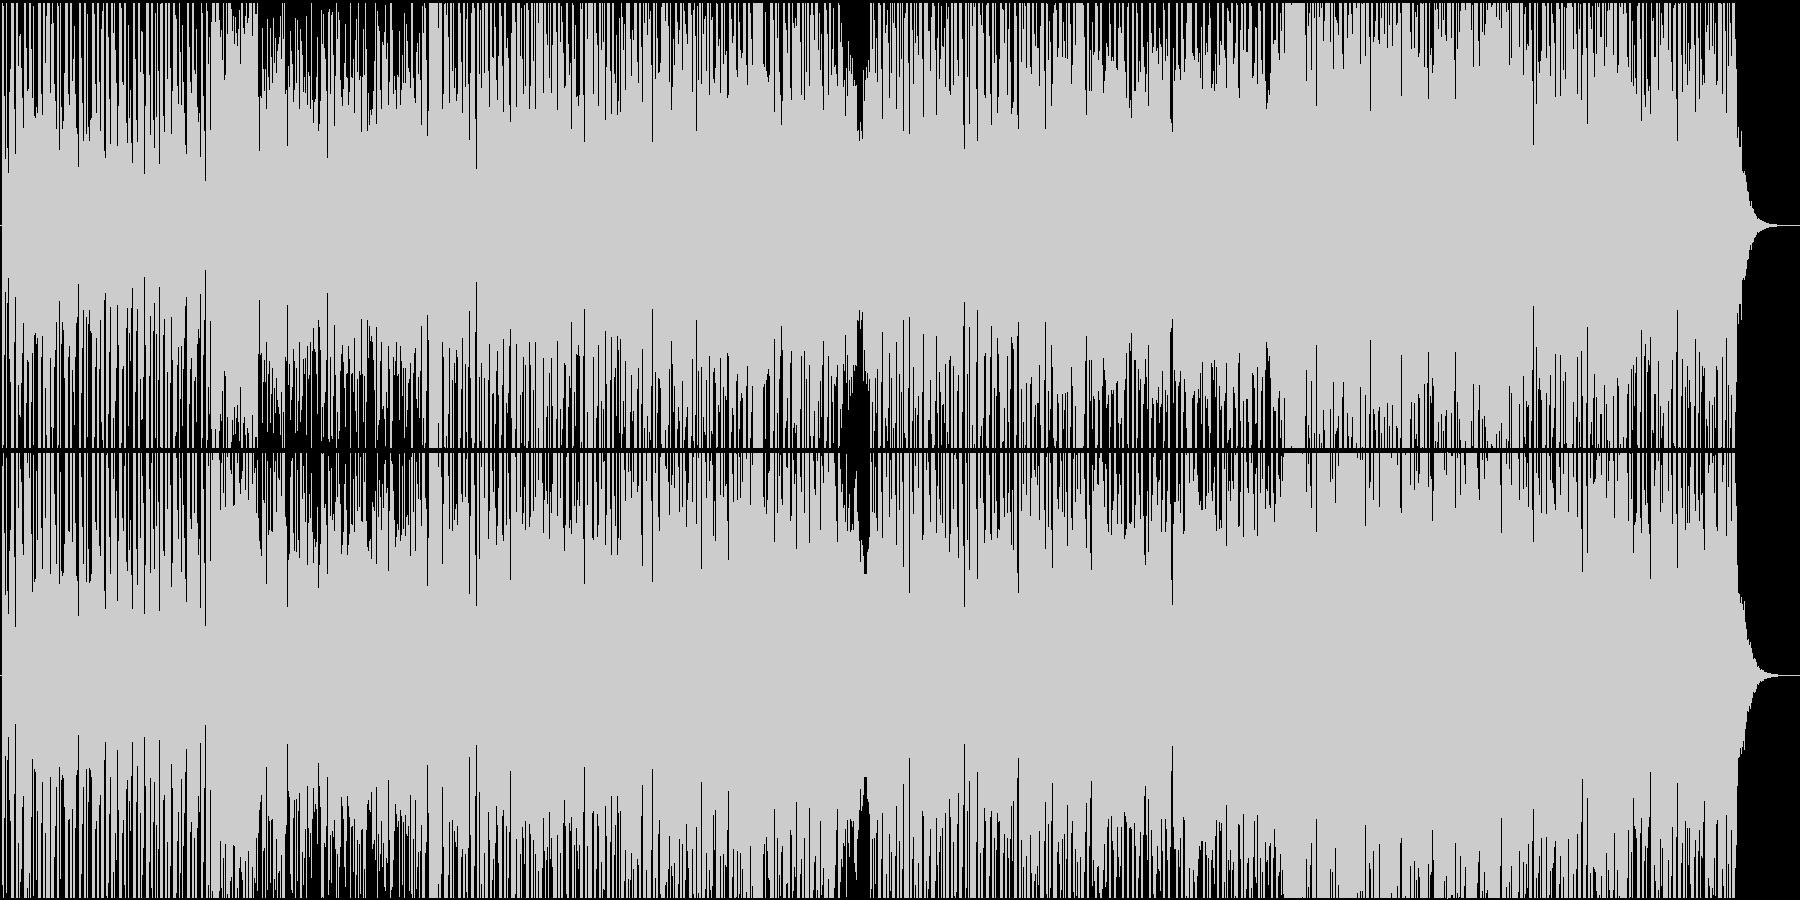 近代的で宇宙のようなシンセサウンドの未再生の波形